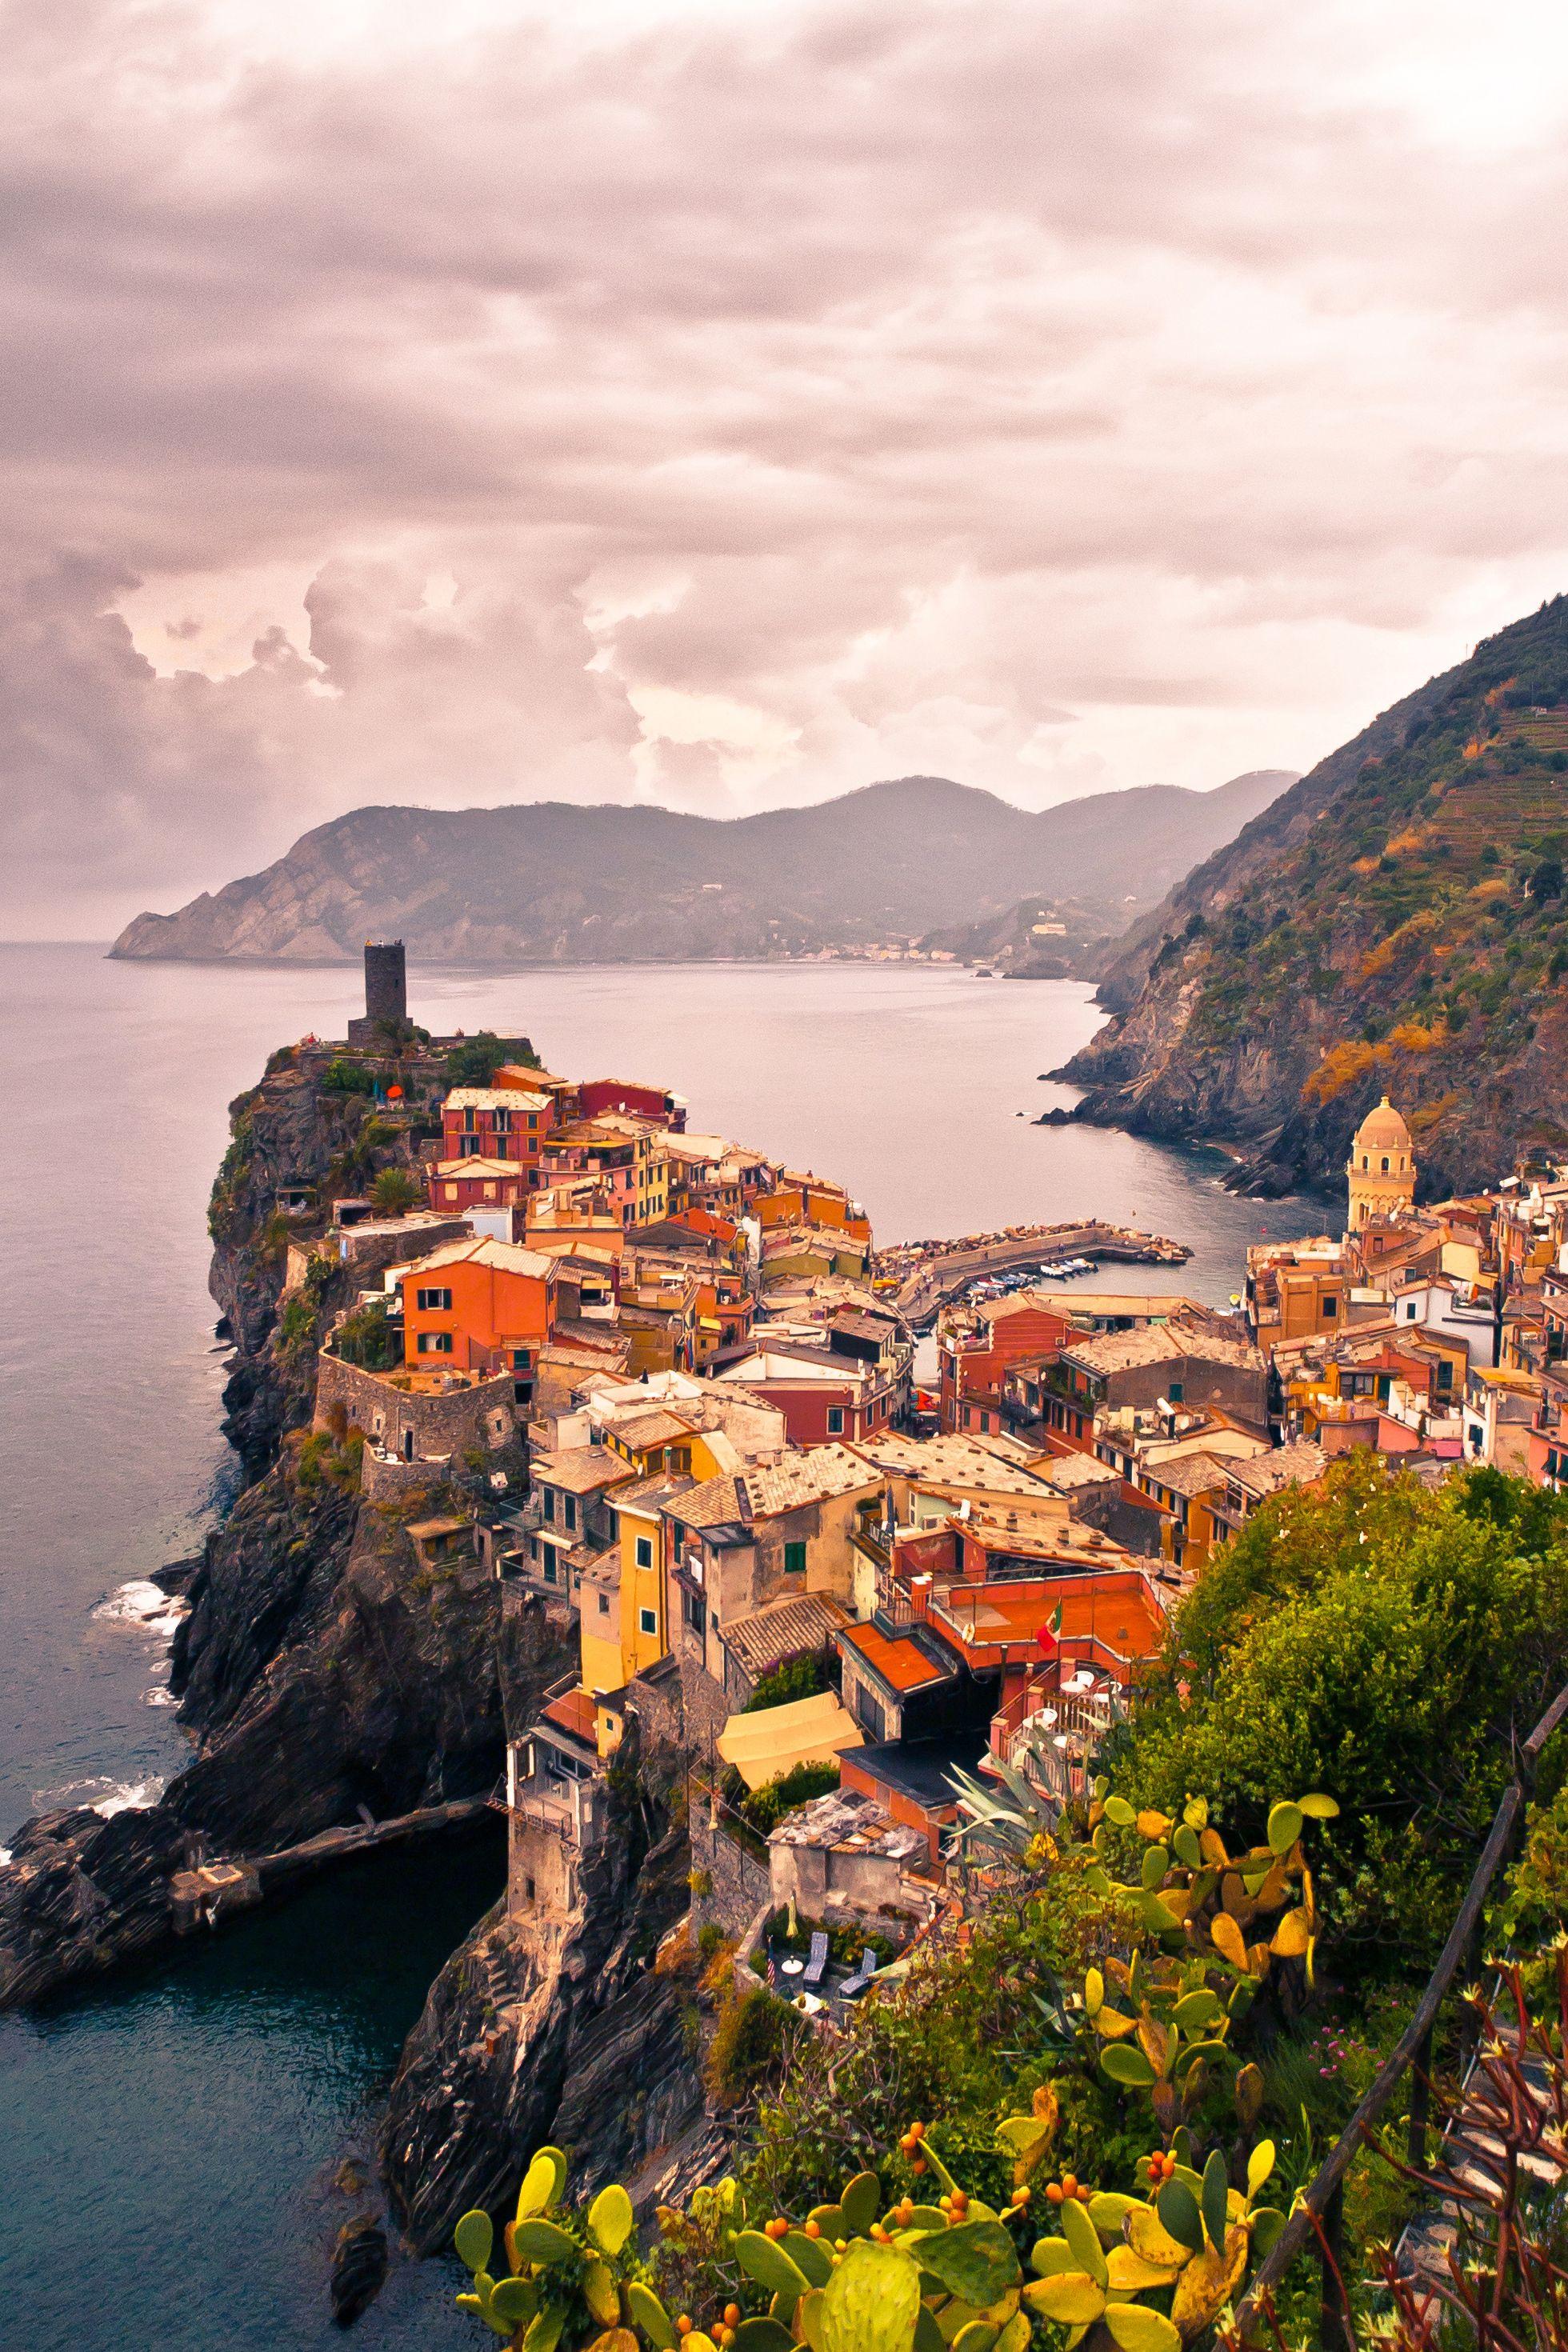 honeymoon destinations: cinque terre, italy